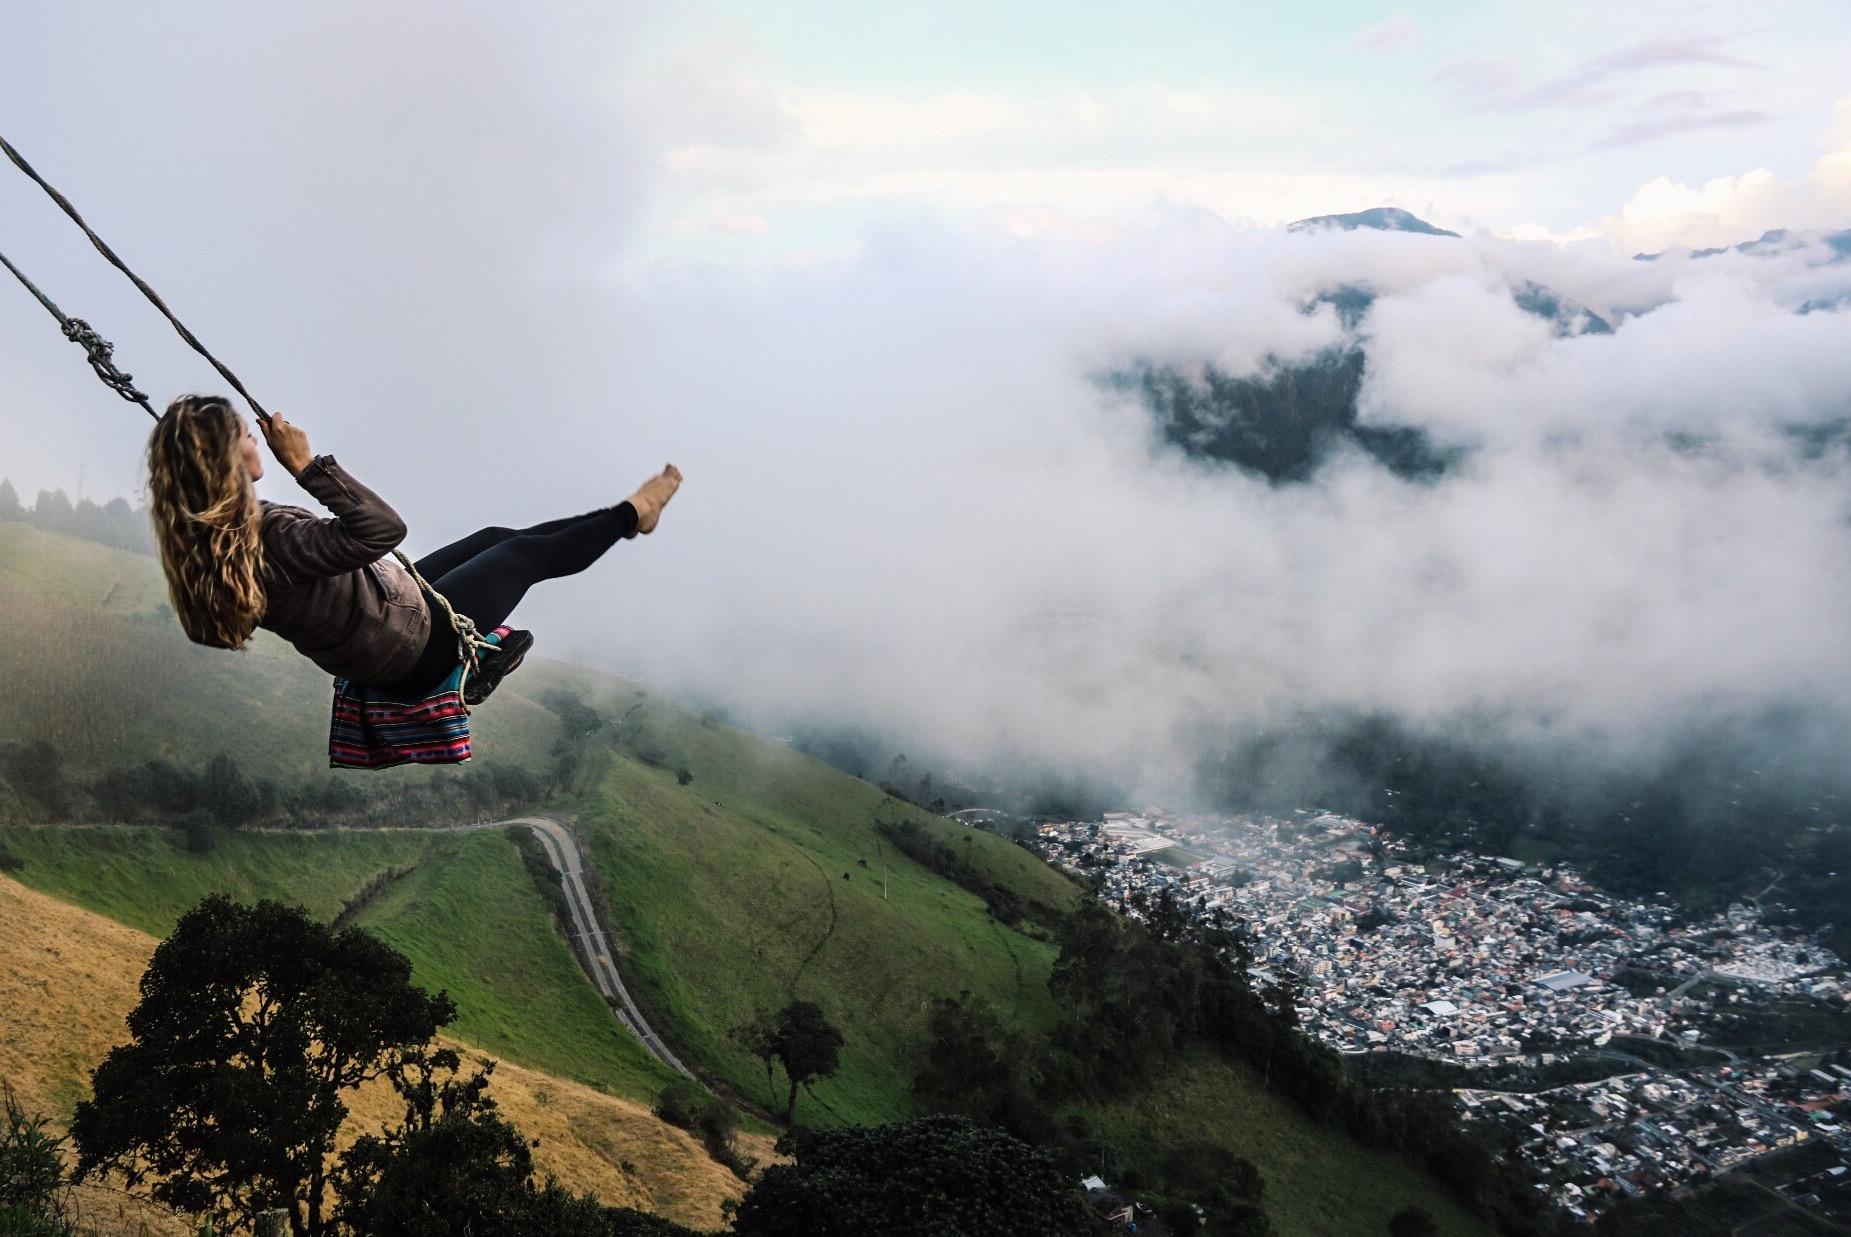 Swinging over Banos, Ecuador